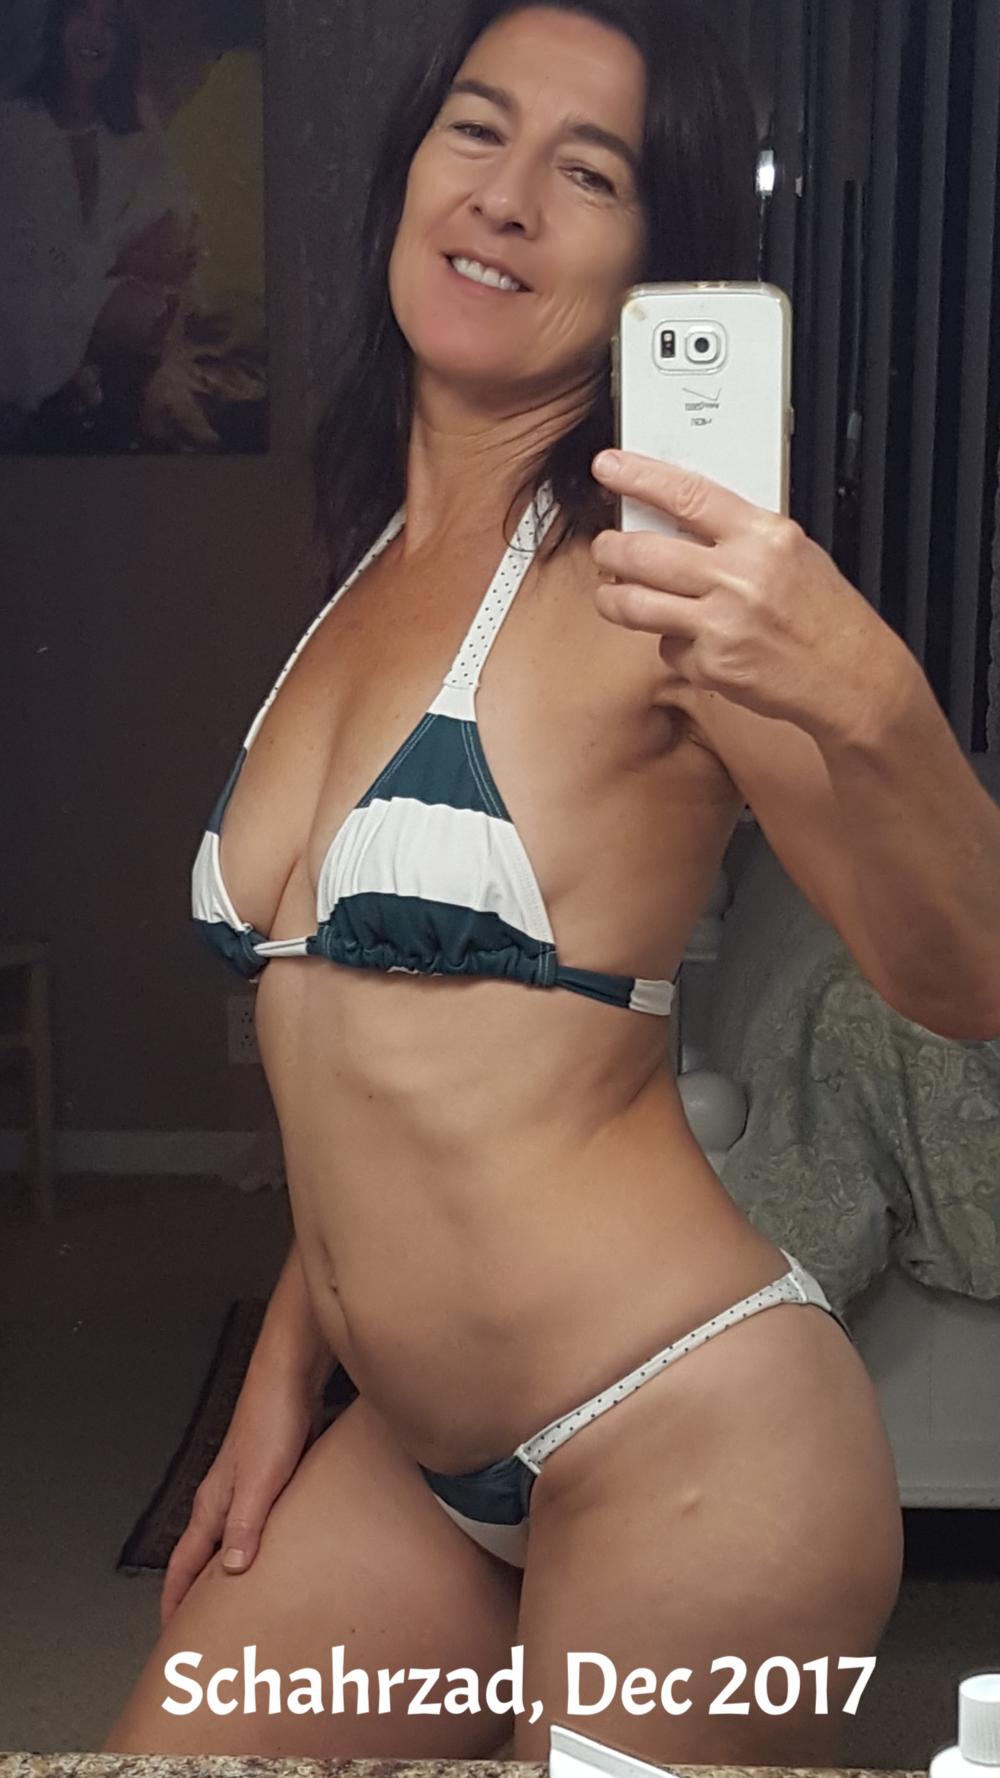 bikini2.png